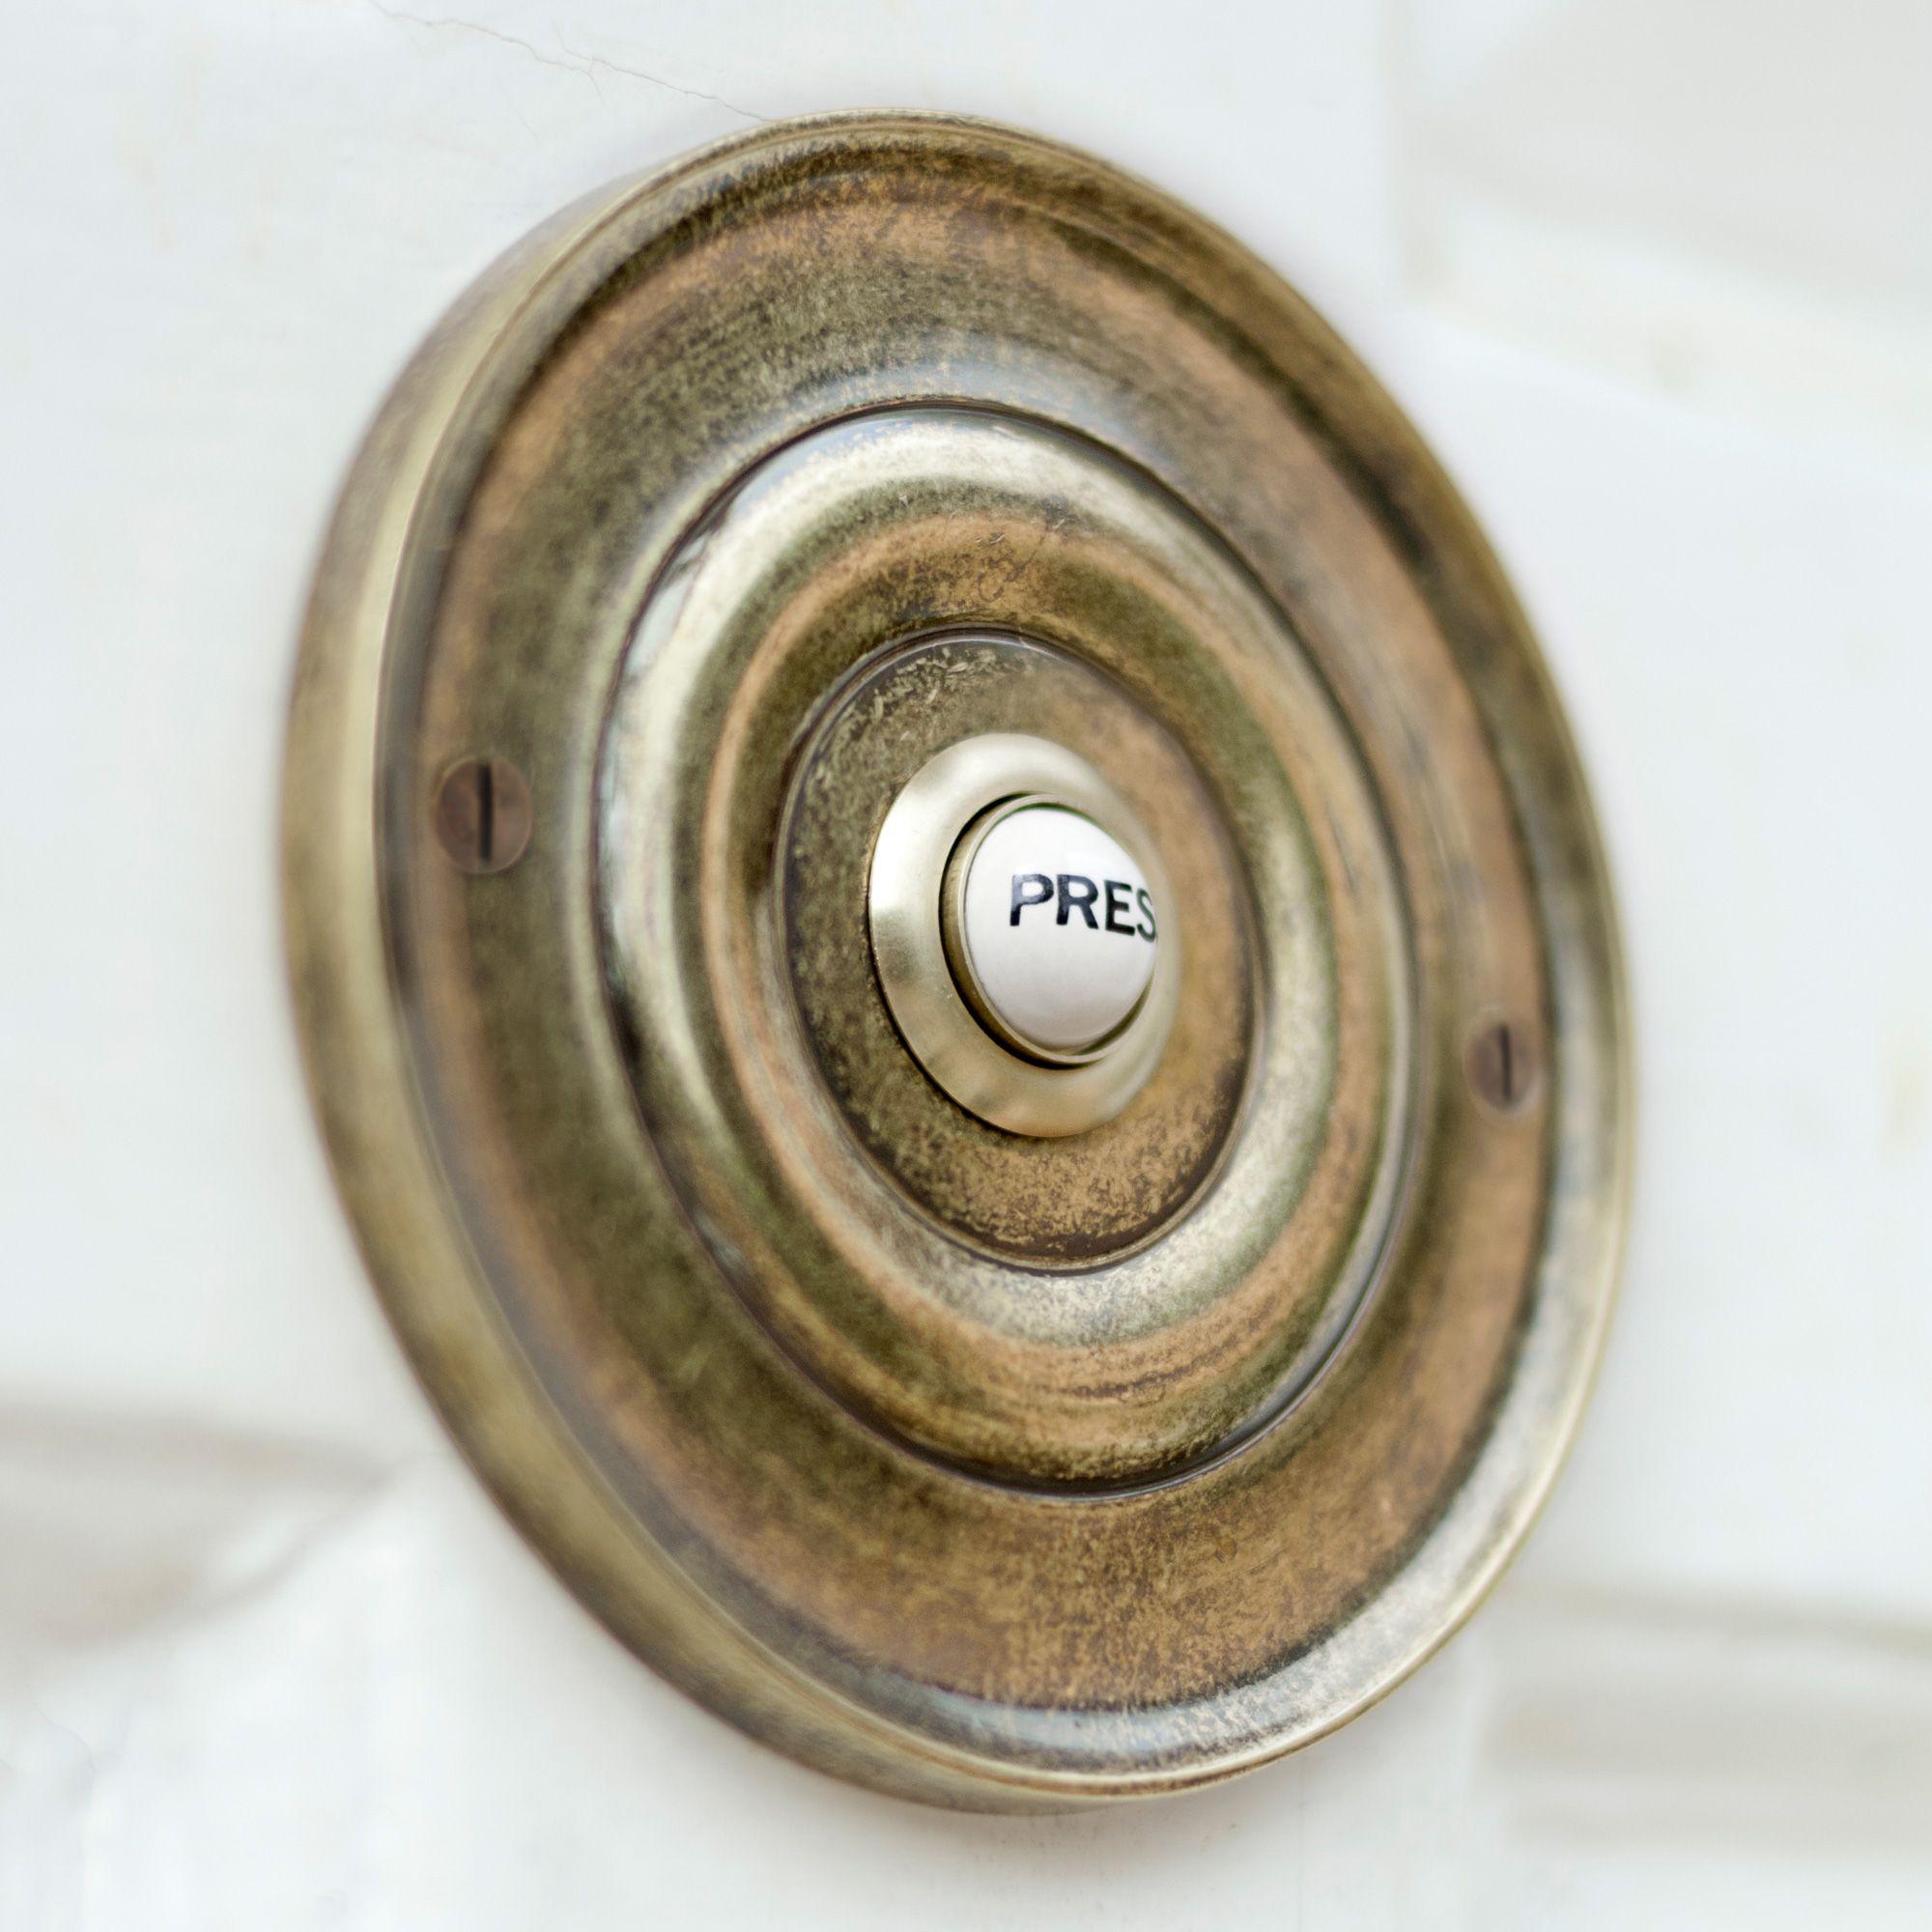 Brass door bell push cheap lining paper